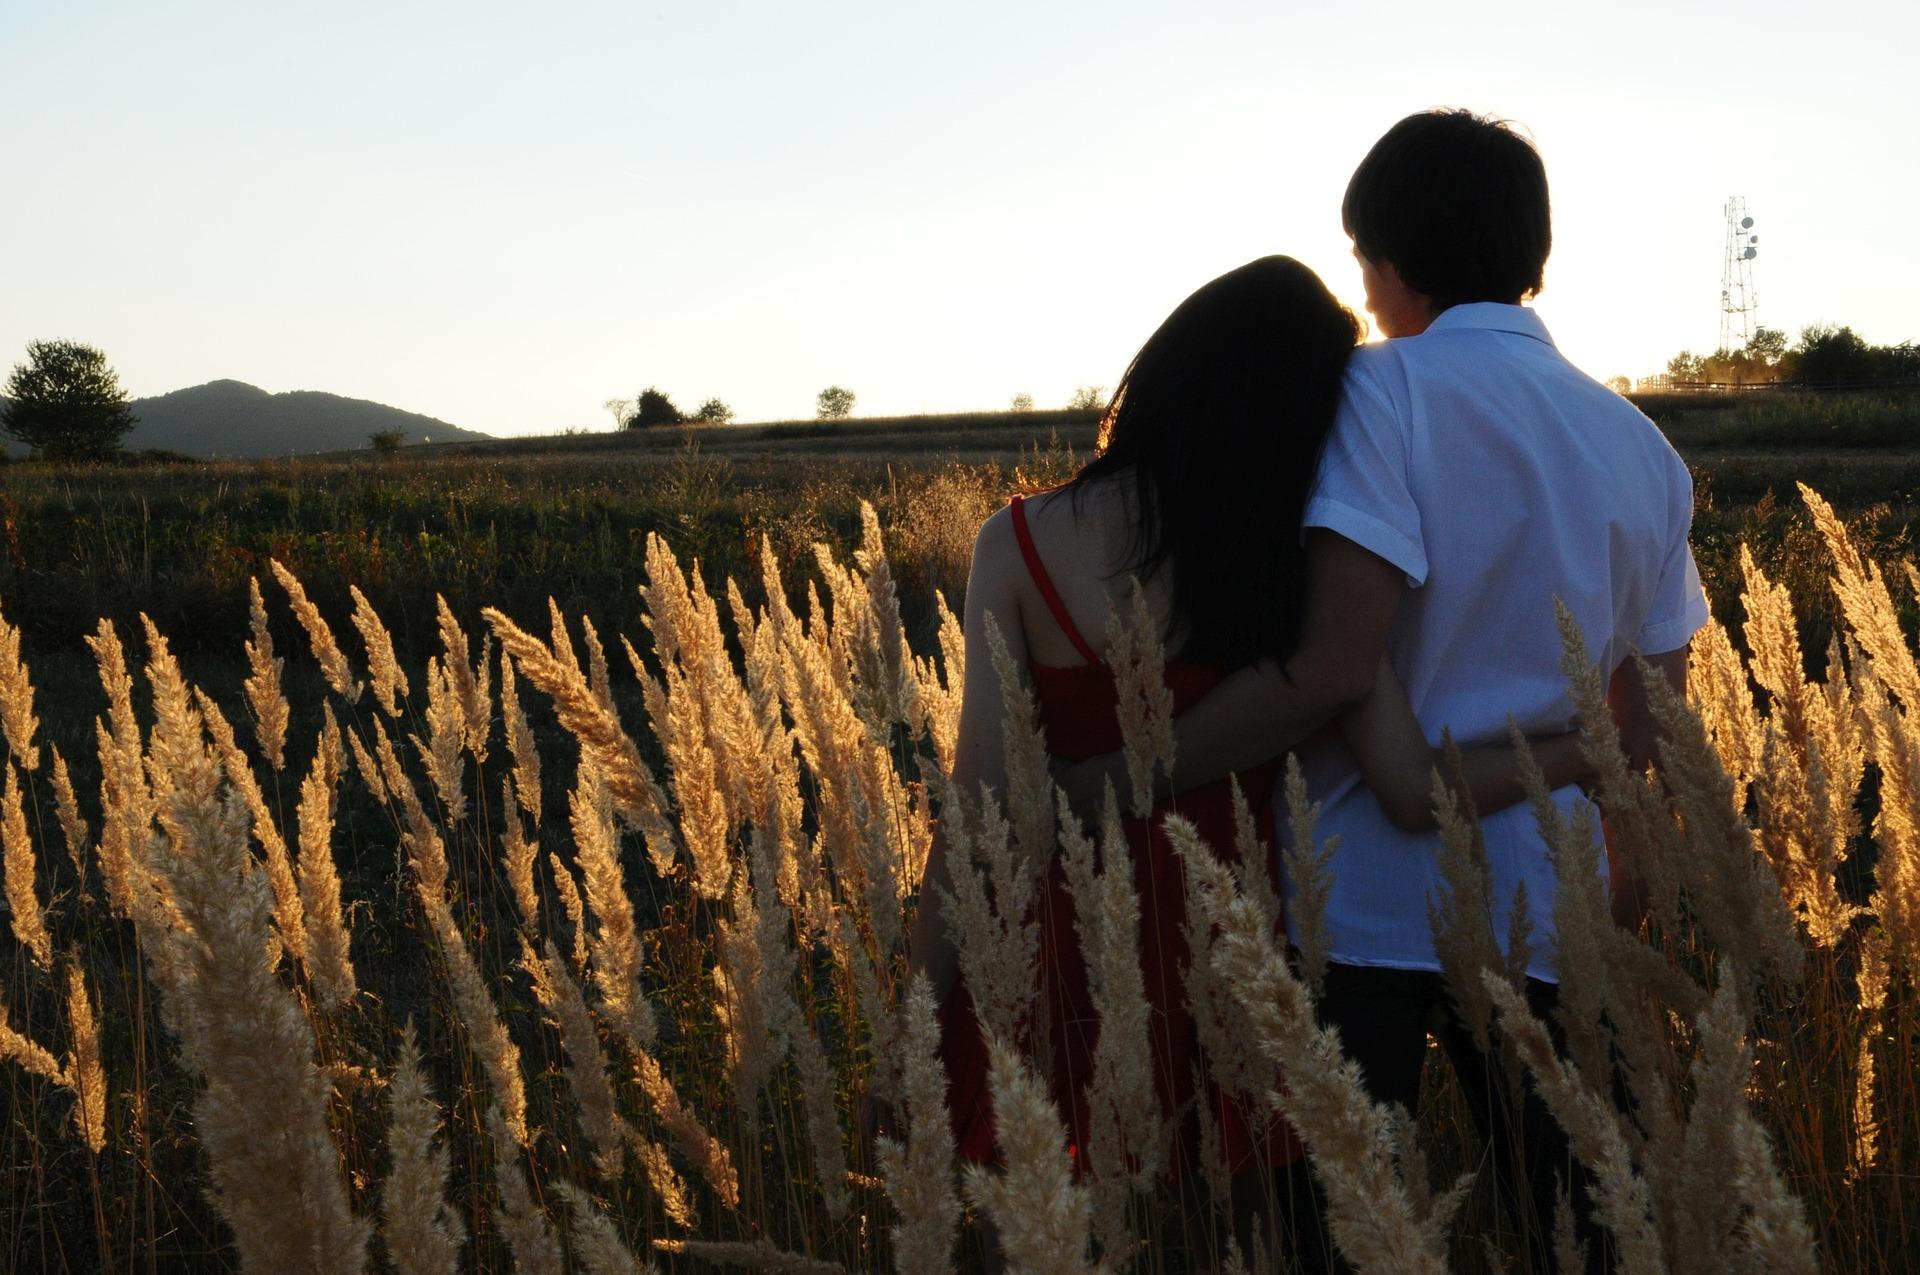 couple-1343944_1920